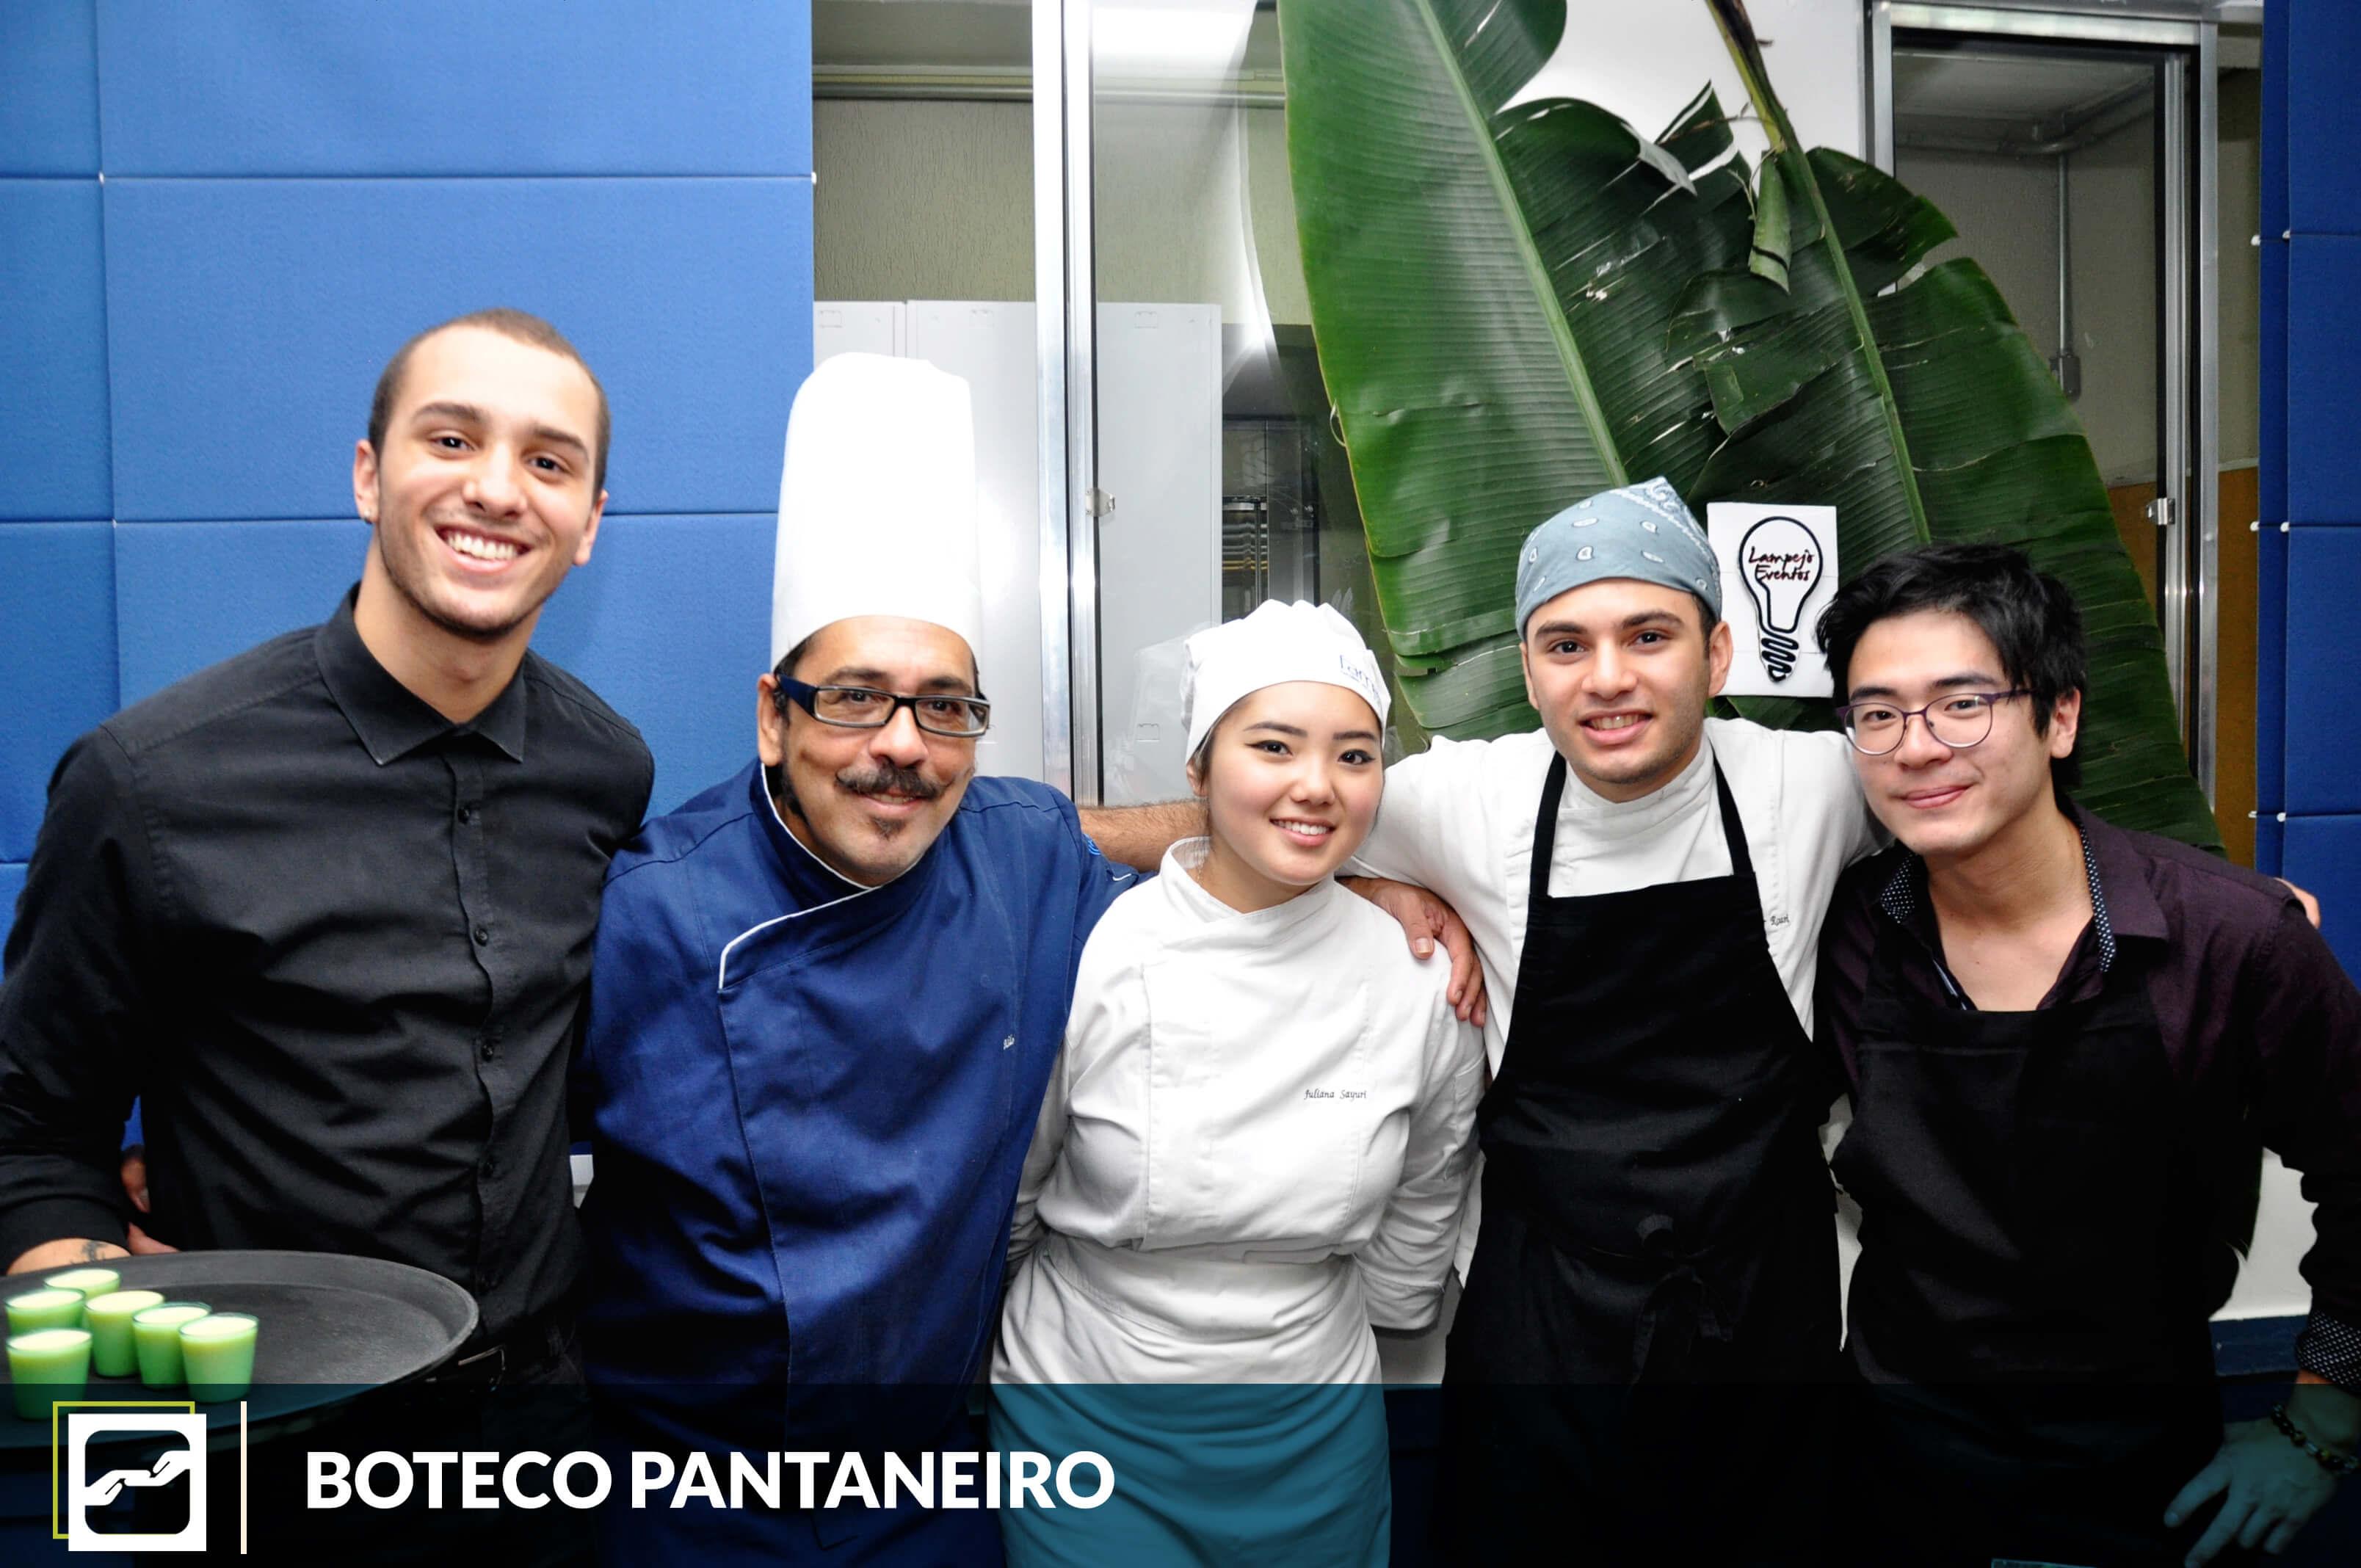 boteco-pantaneiro-gastronomia-famesp